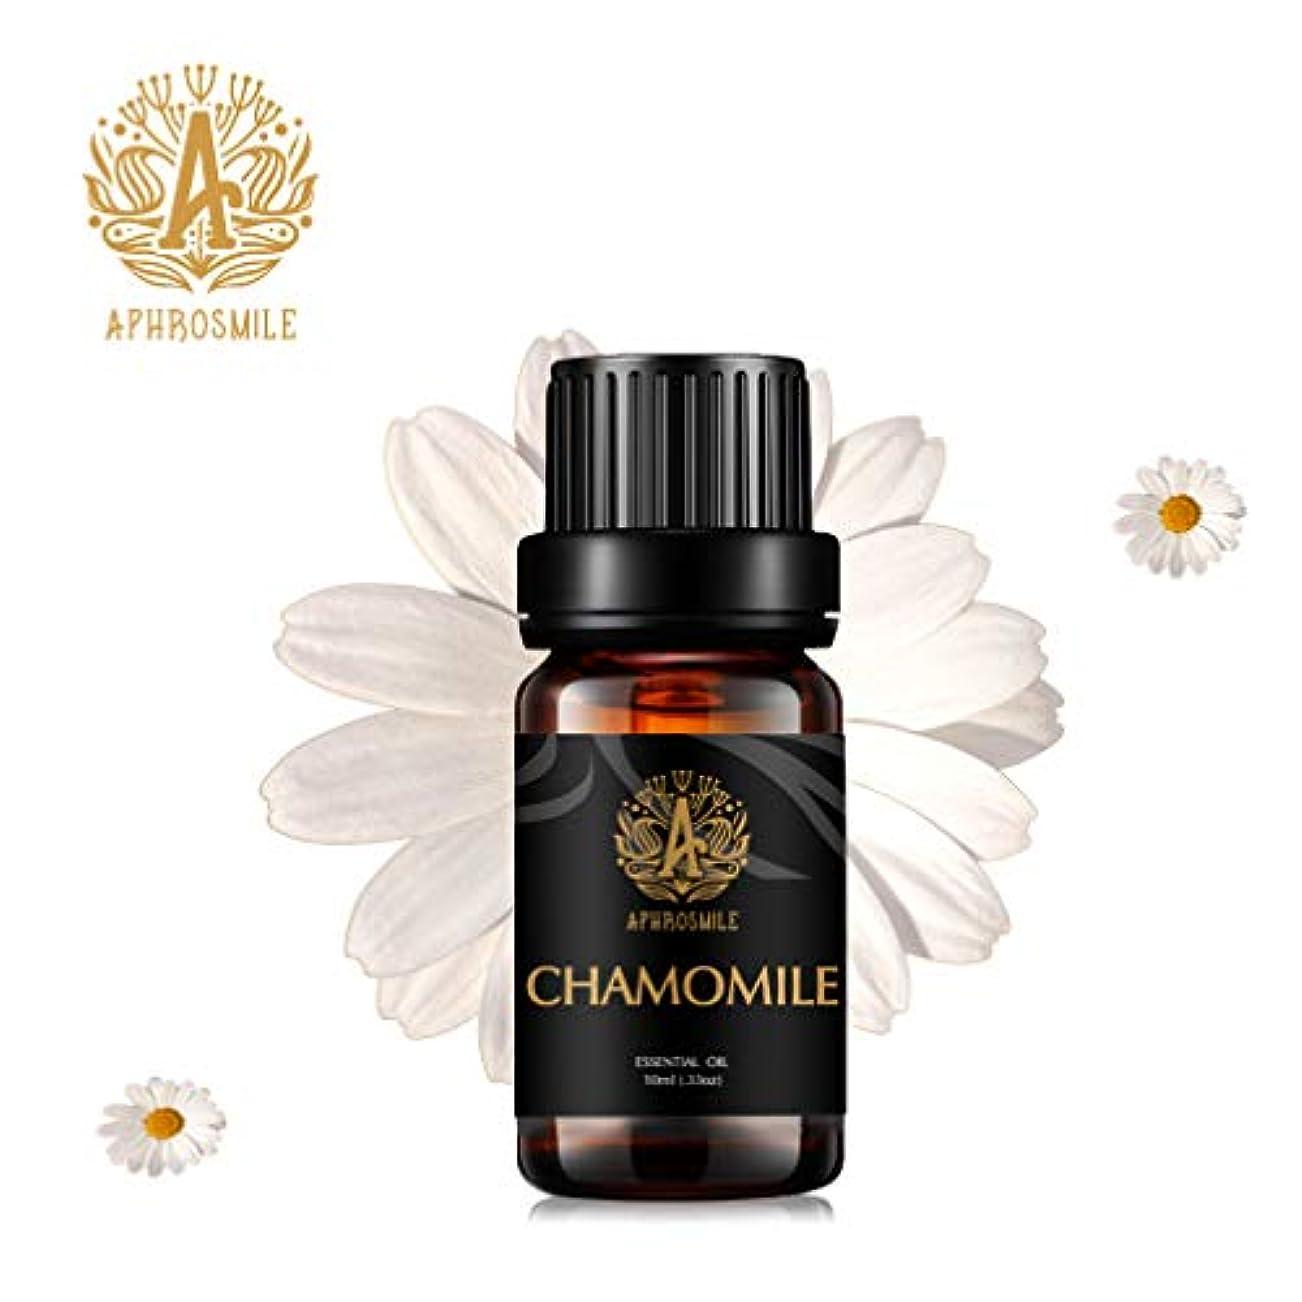 硬い問題フェザーカモミールエッセンシャルオイル、100%純粋なアロマセラピーエッセンシャルオイルカモミールの香り、不安を和らげます、治療上の等級の精油のカモミールの芳香のために拡散器、マッサージ、加湿器、毎日の心配、0.33オンス-10ml